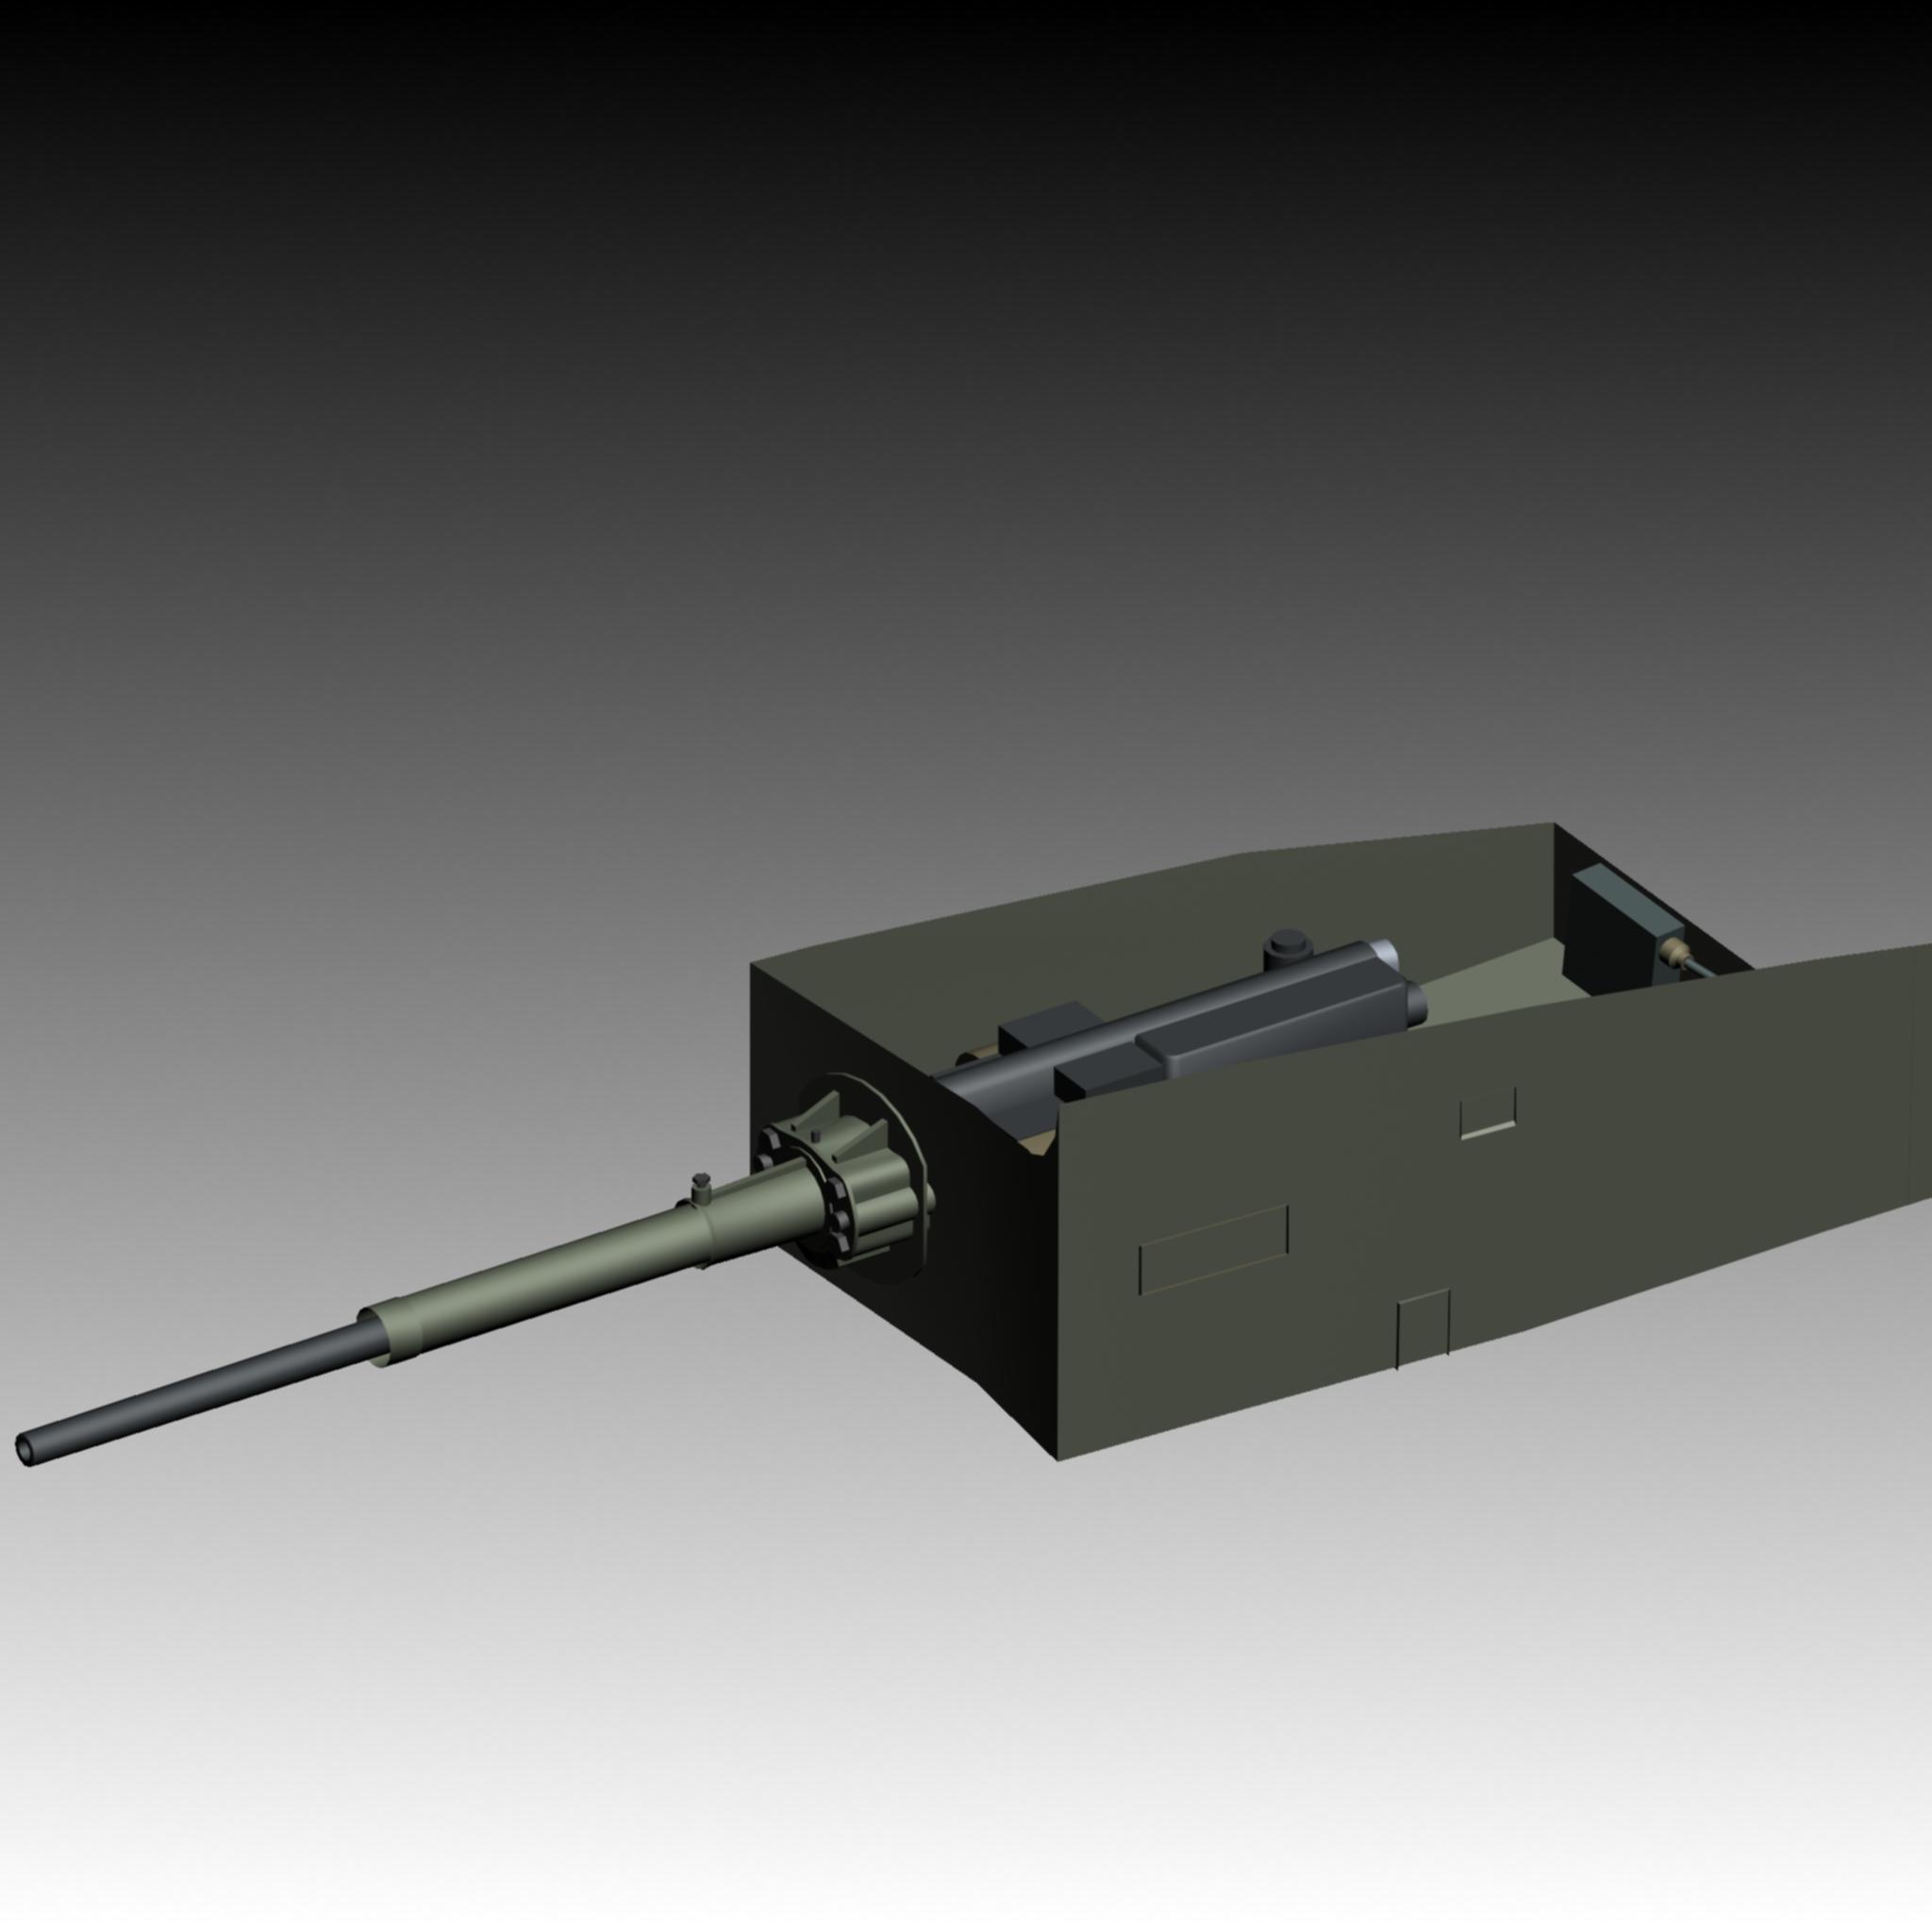 MG151-02.jpg